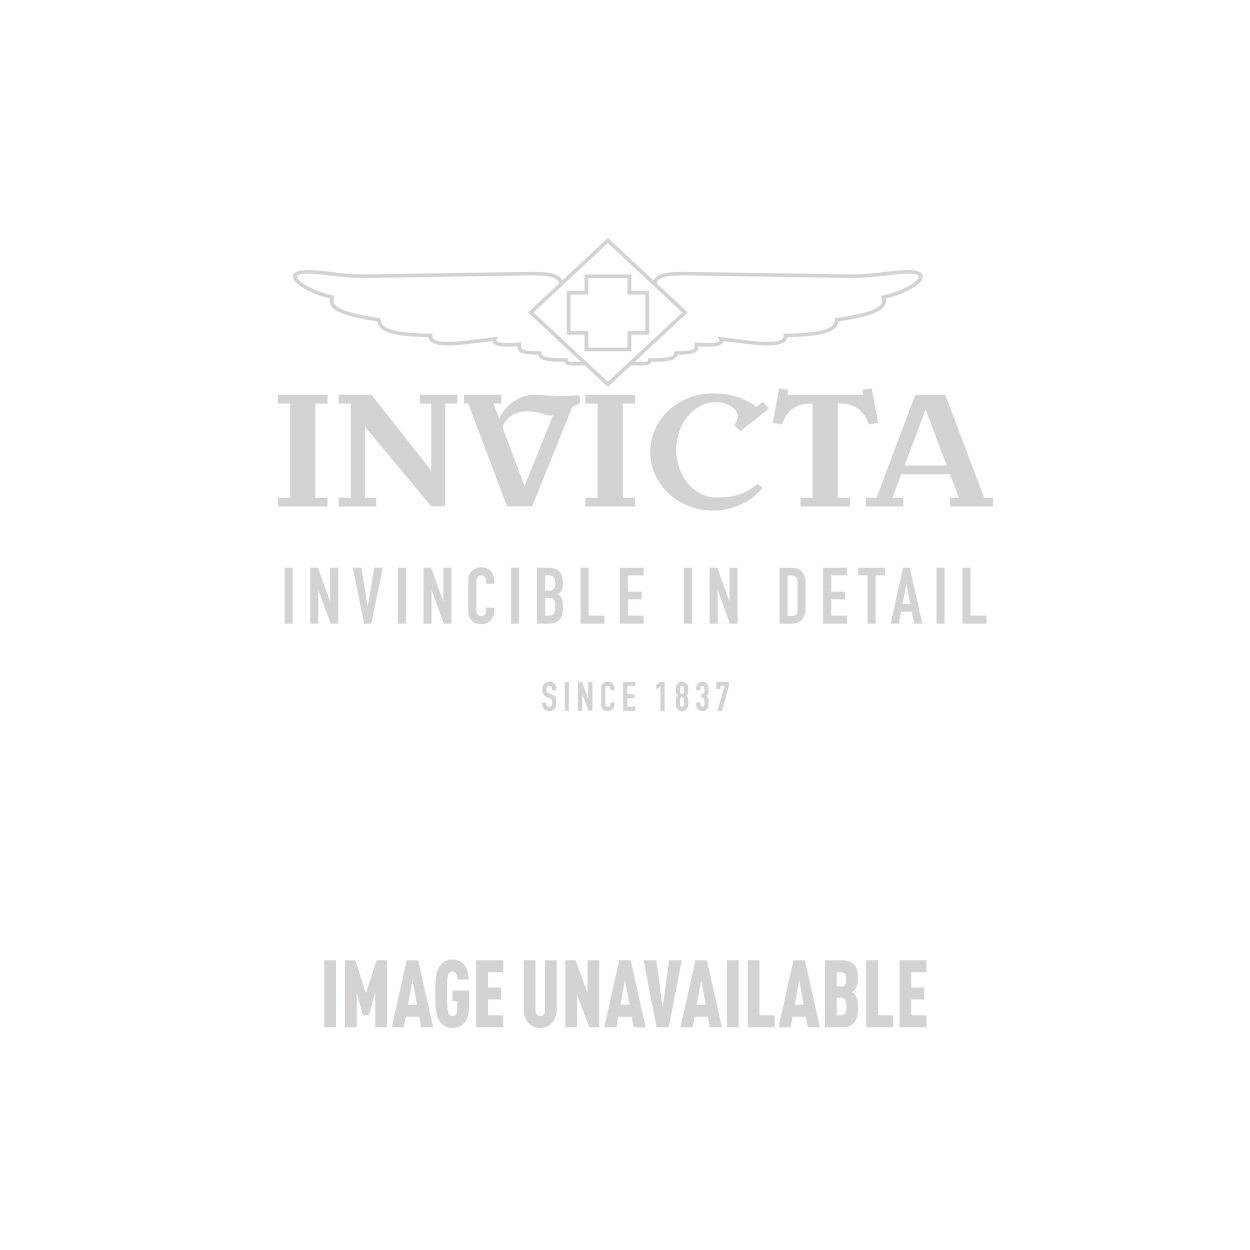 Invicta Model 24633